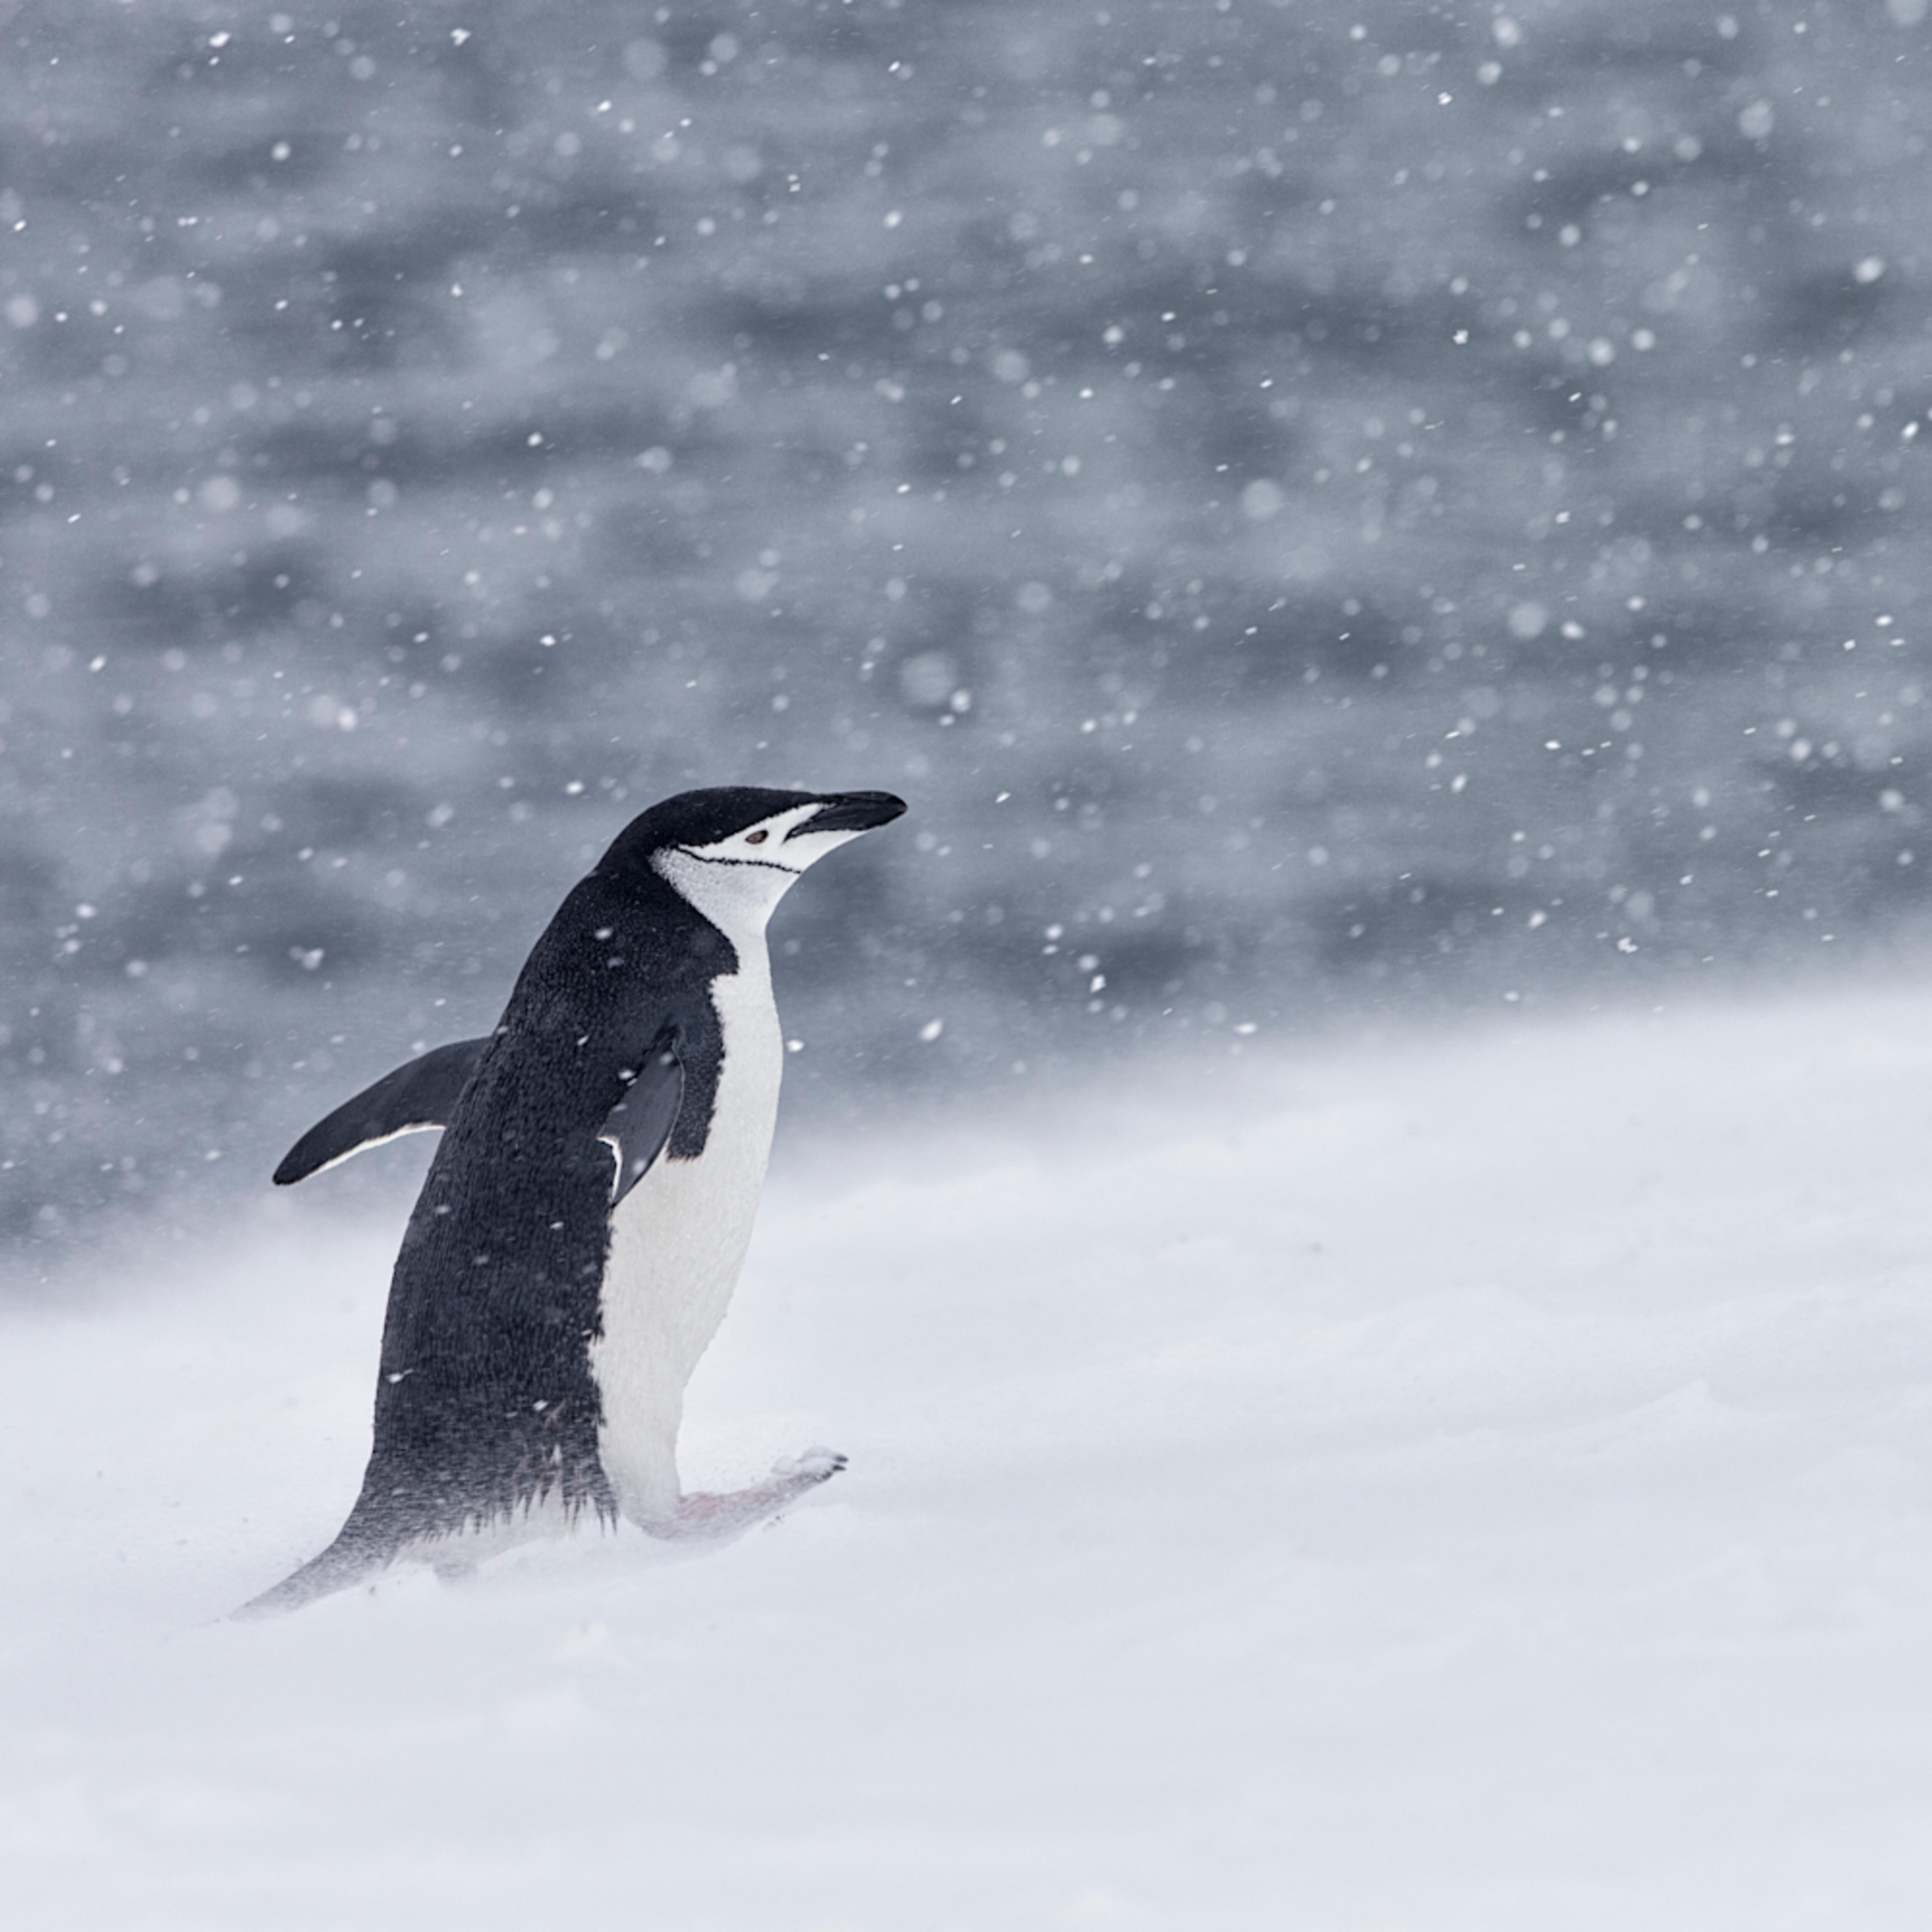 Mbp antarctica 20121129 6487 v0gfp9